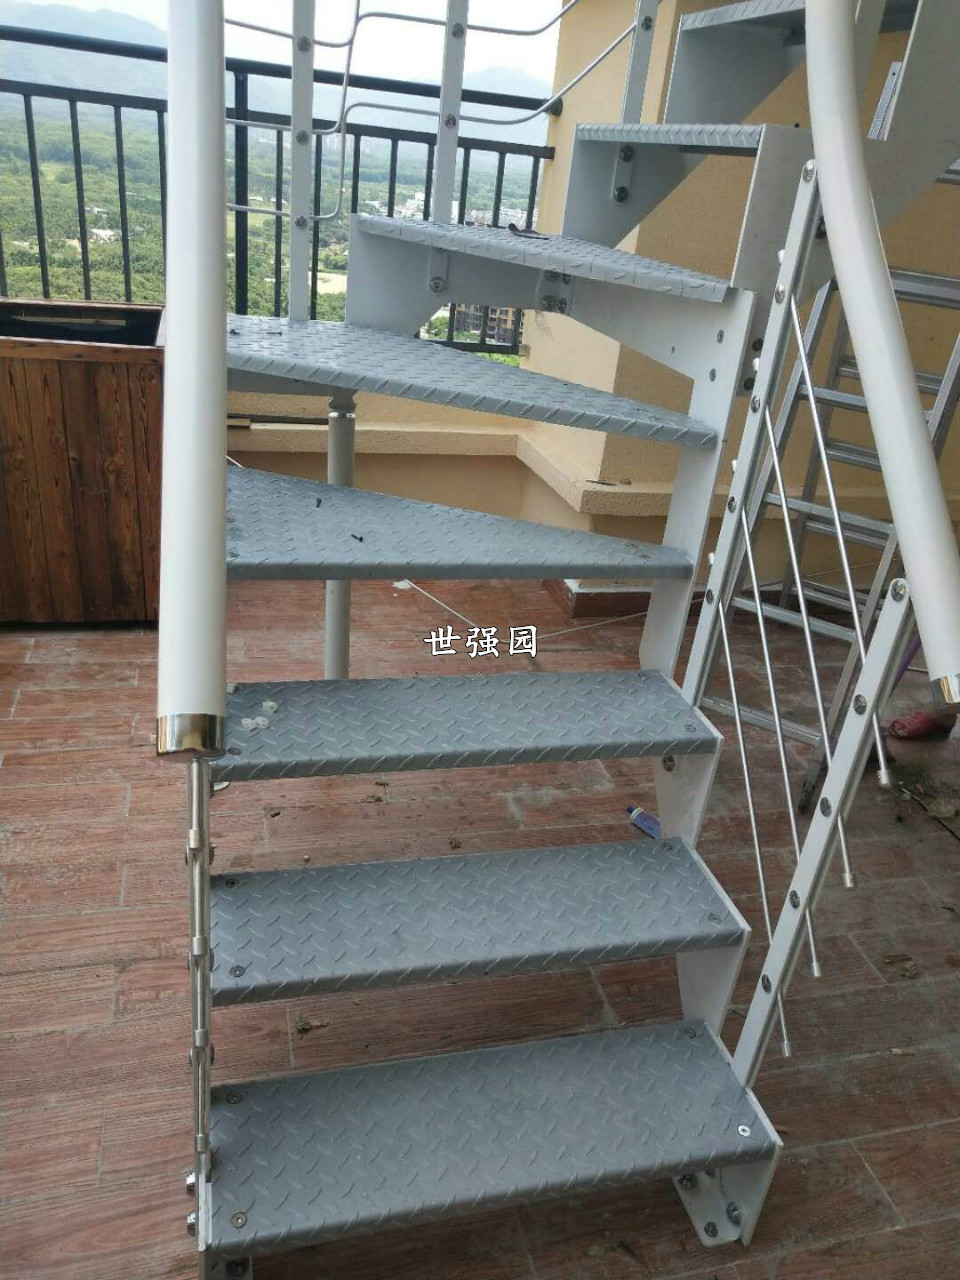 室外楼梯使用注意事项